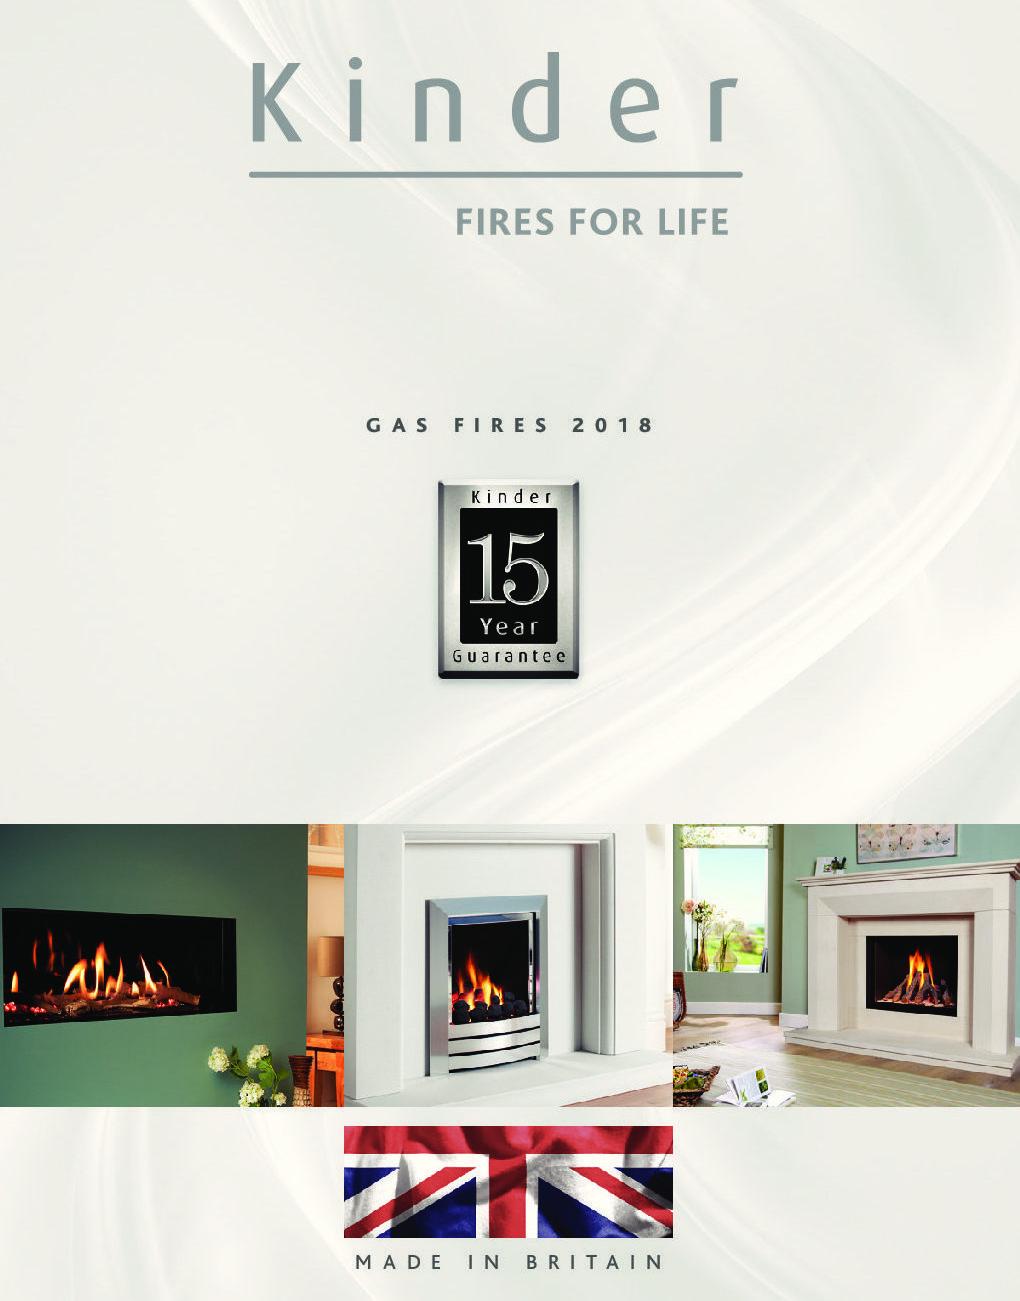 Kinder Fires Brochure